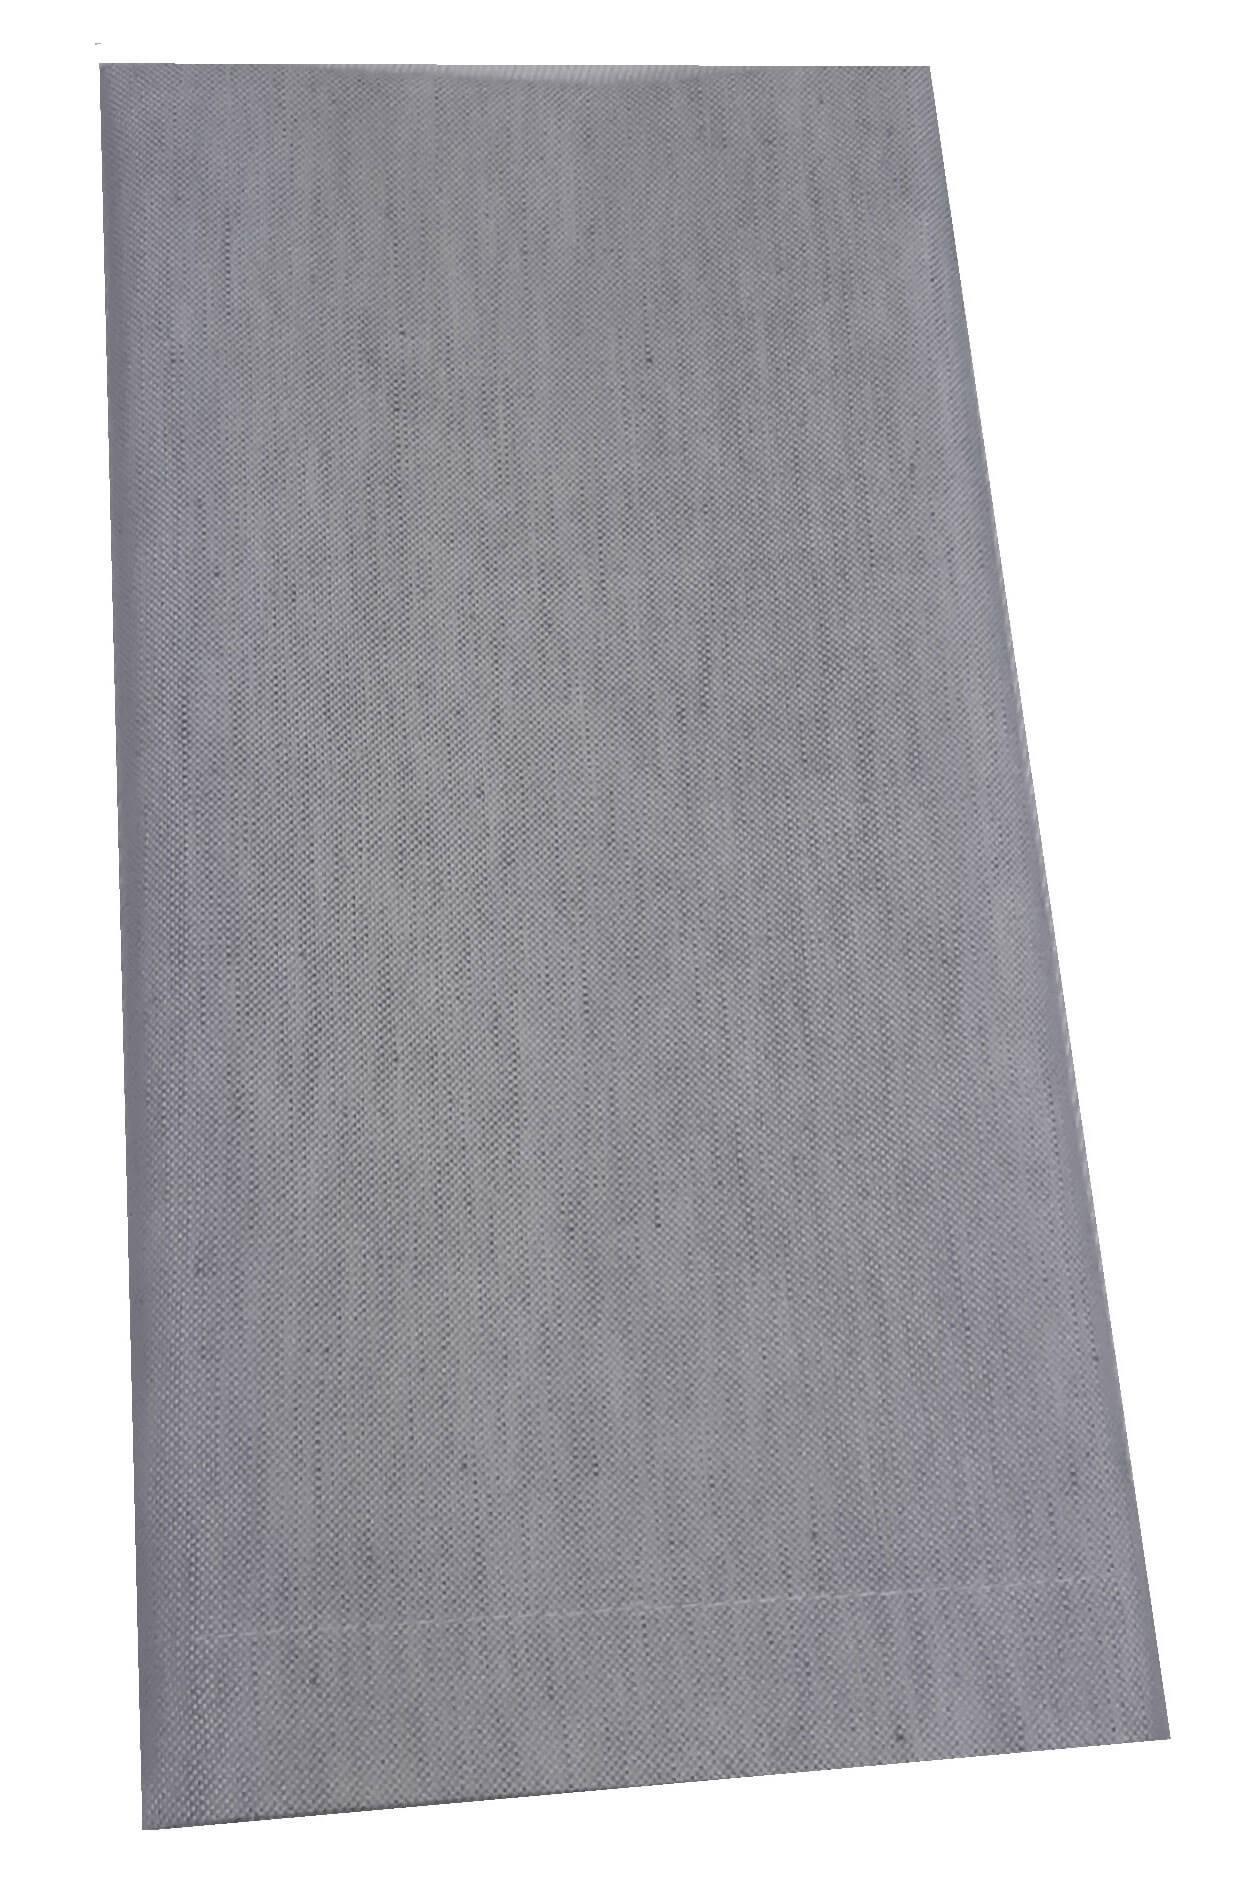 Noleggio Tovaglia Lino cm.330x230 Grigio